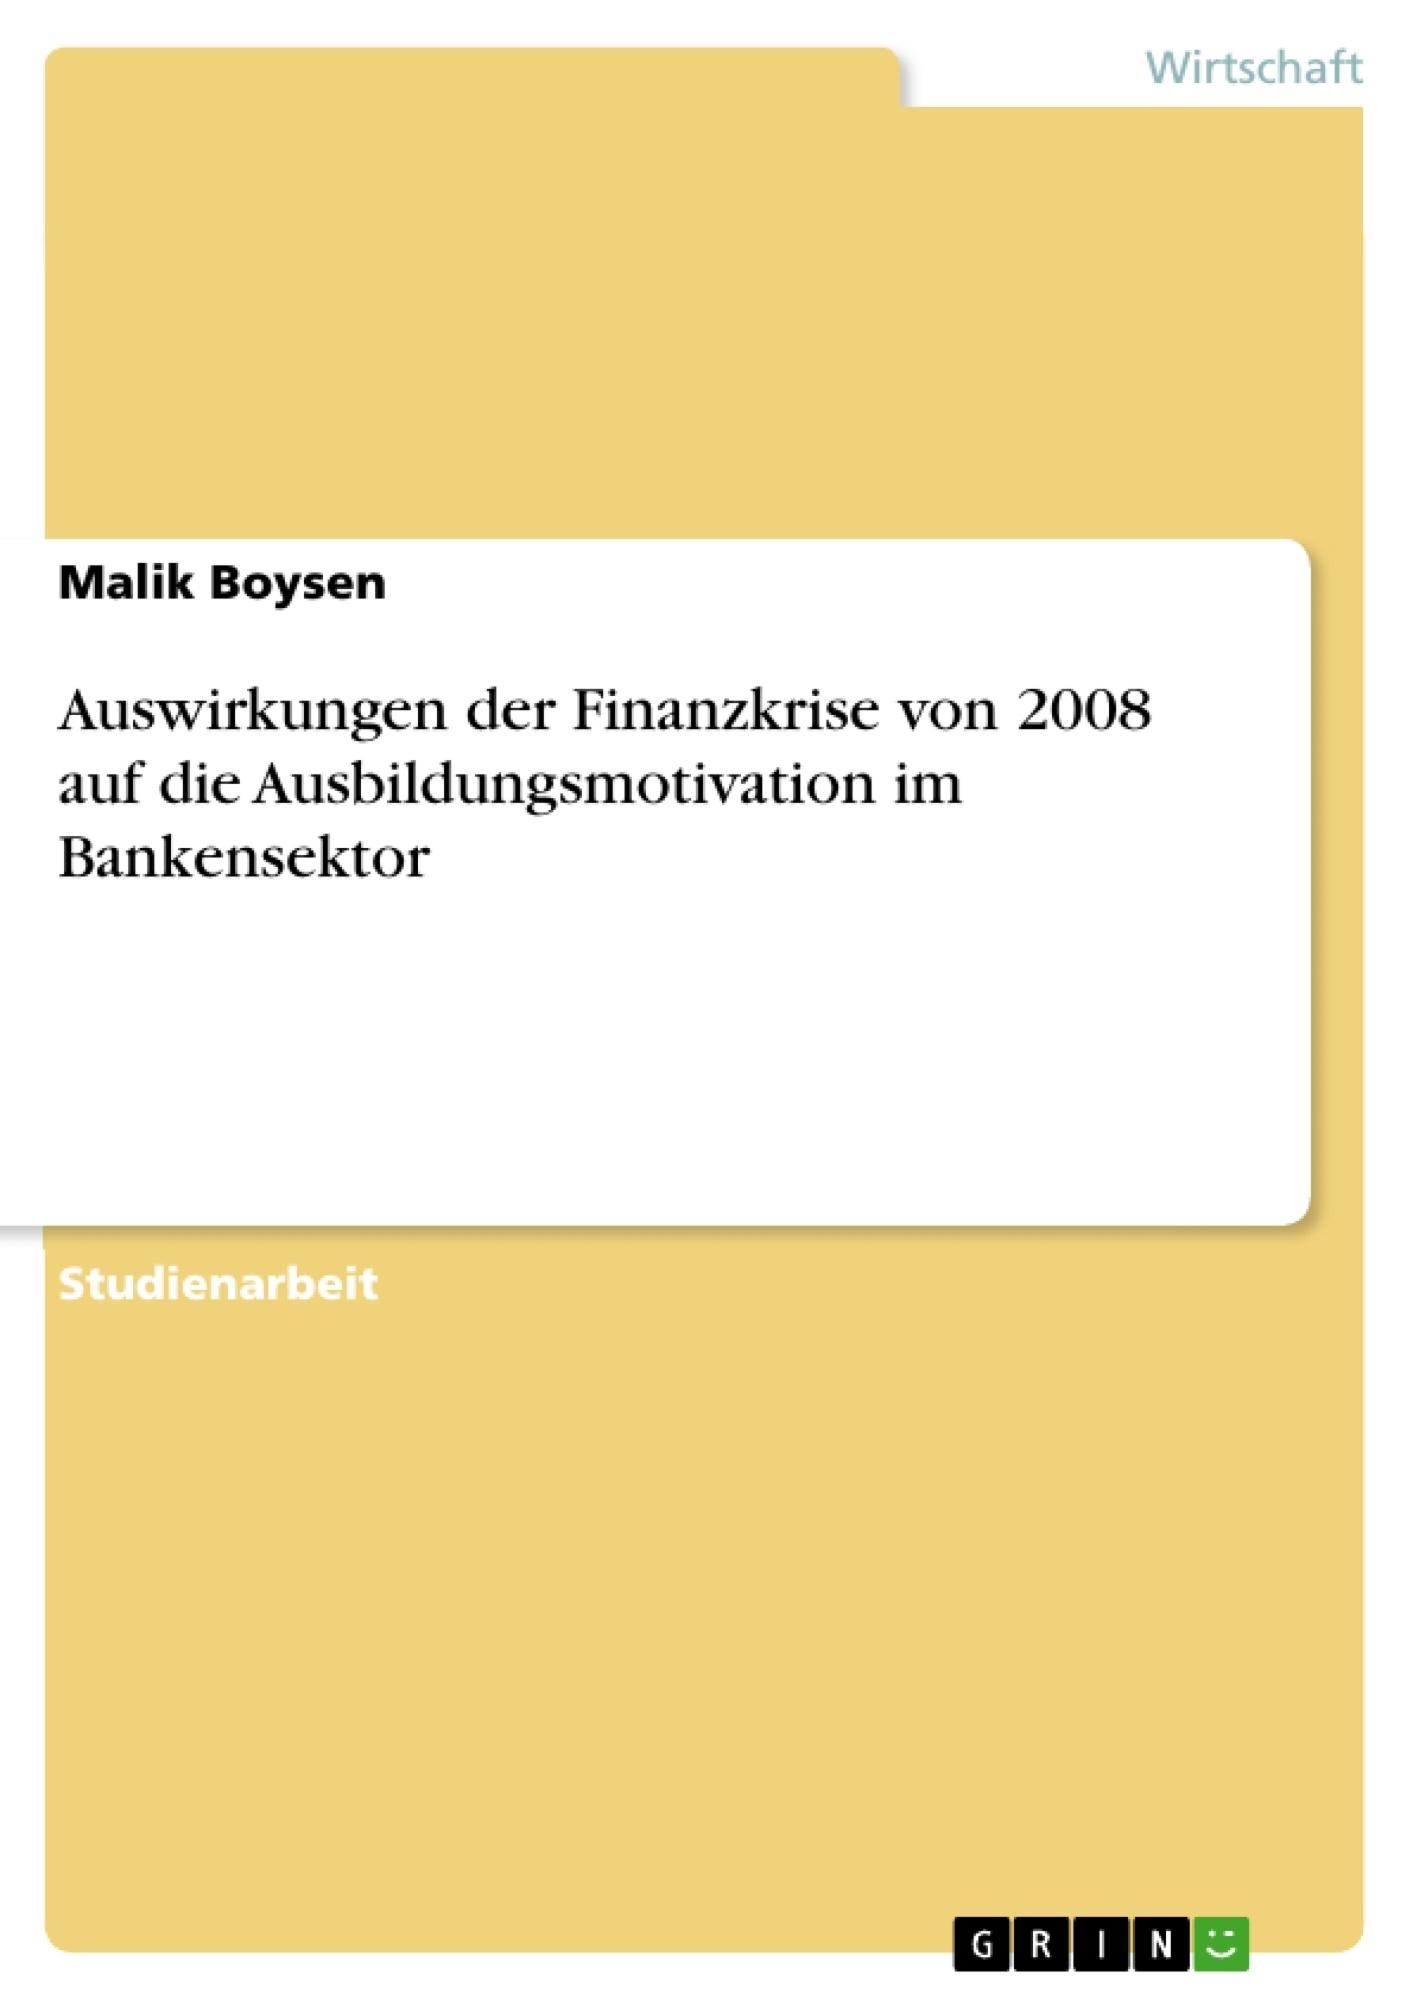 Titel: Auswirkungen der Finanzkrise von 2008 auf die Ausbildungsmotivation im Bankensektor